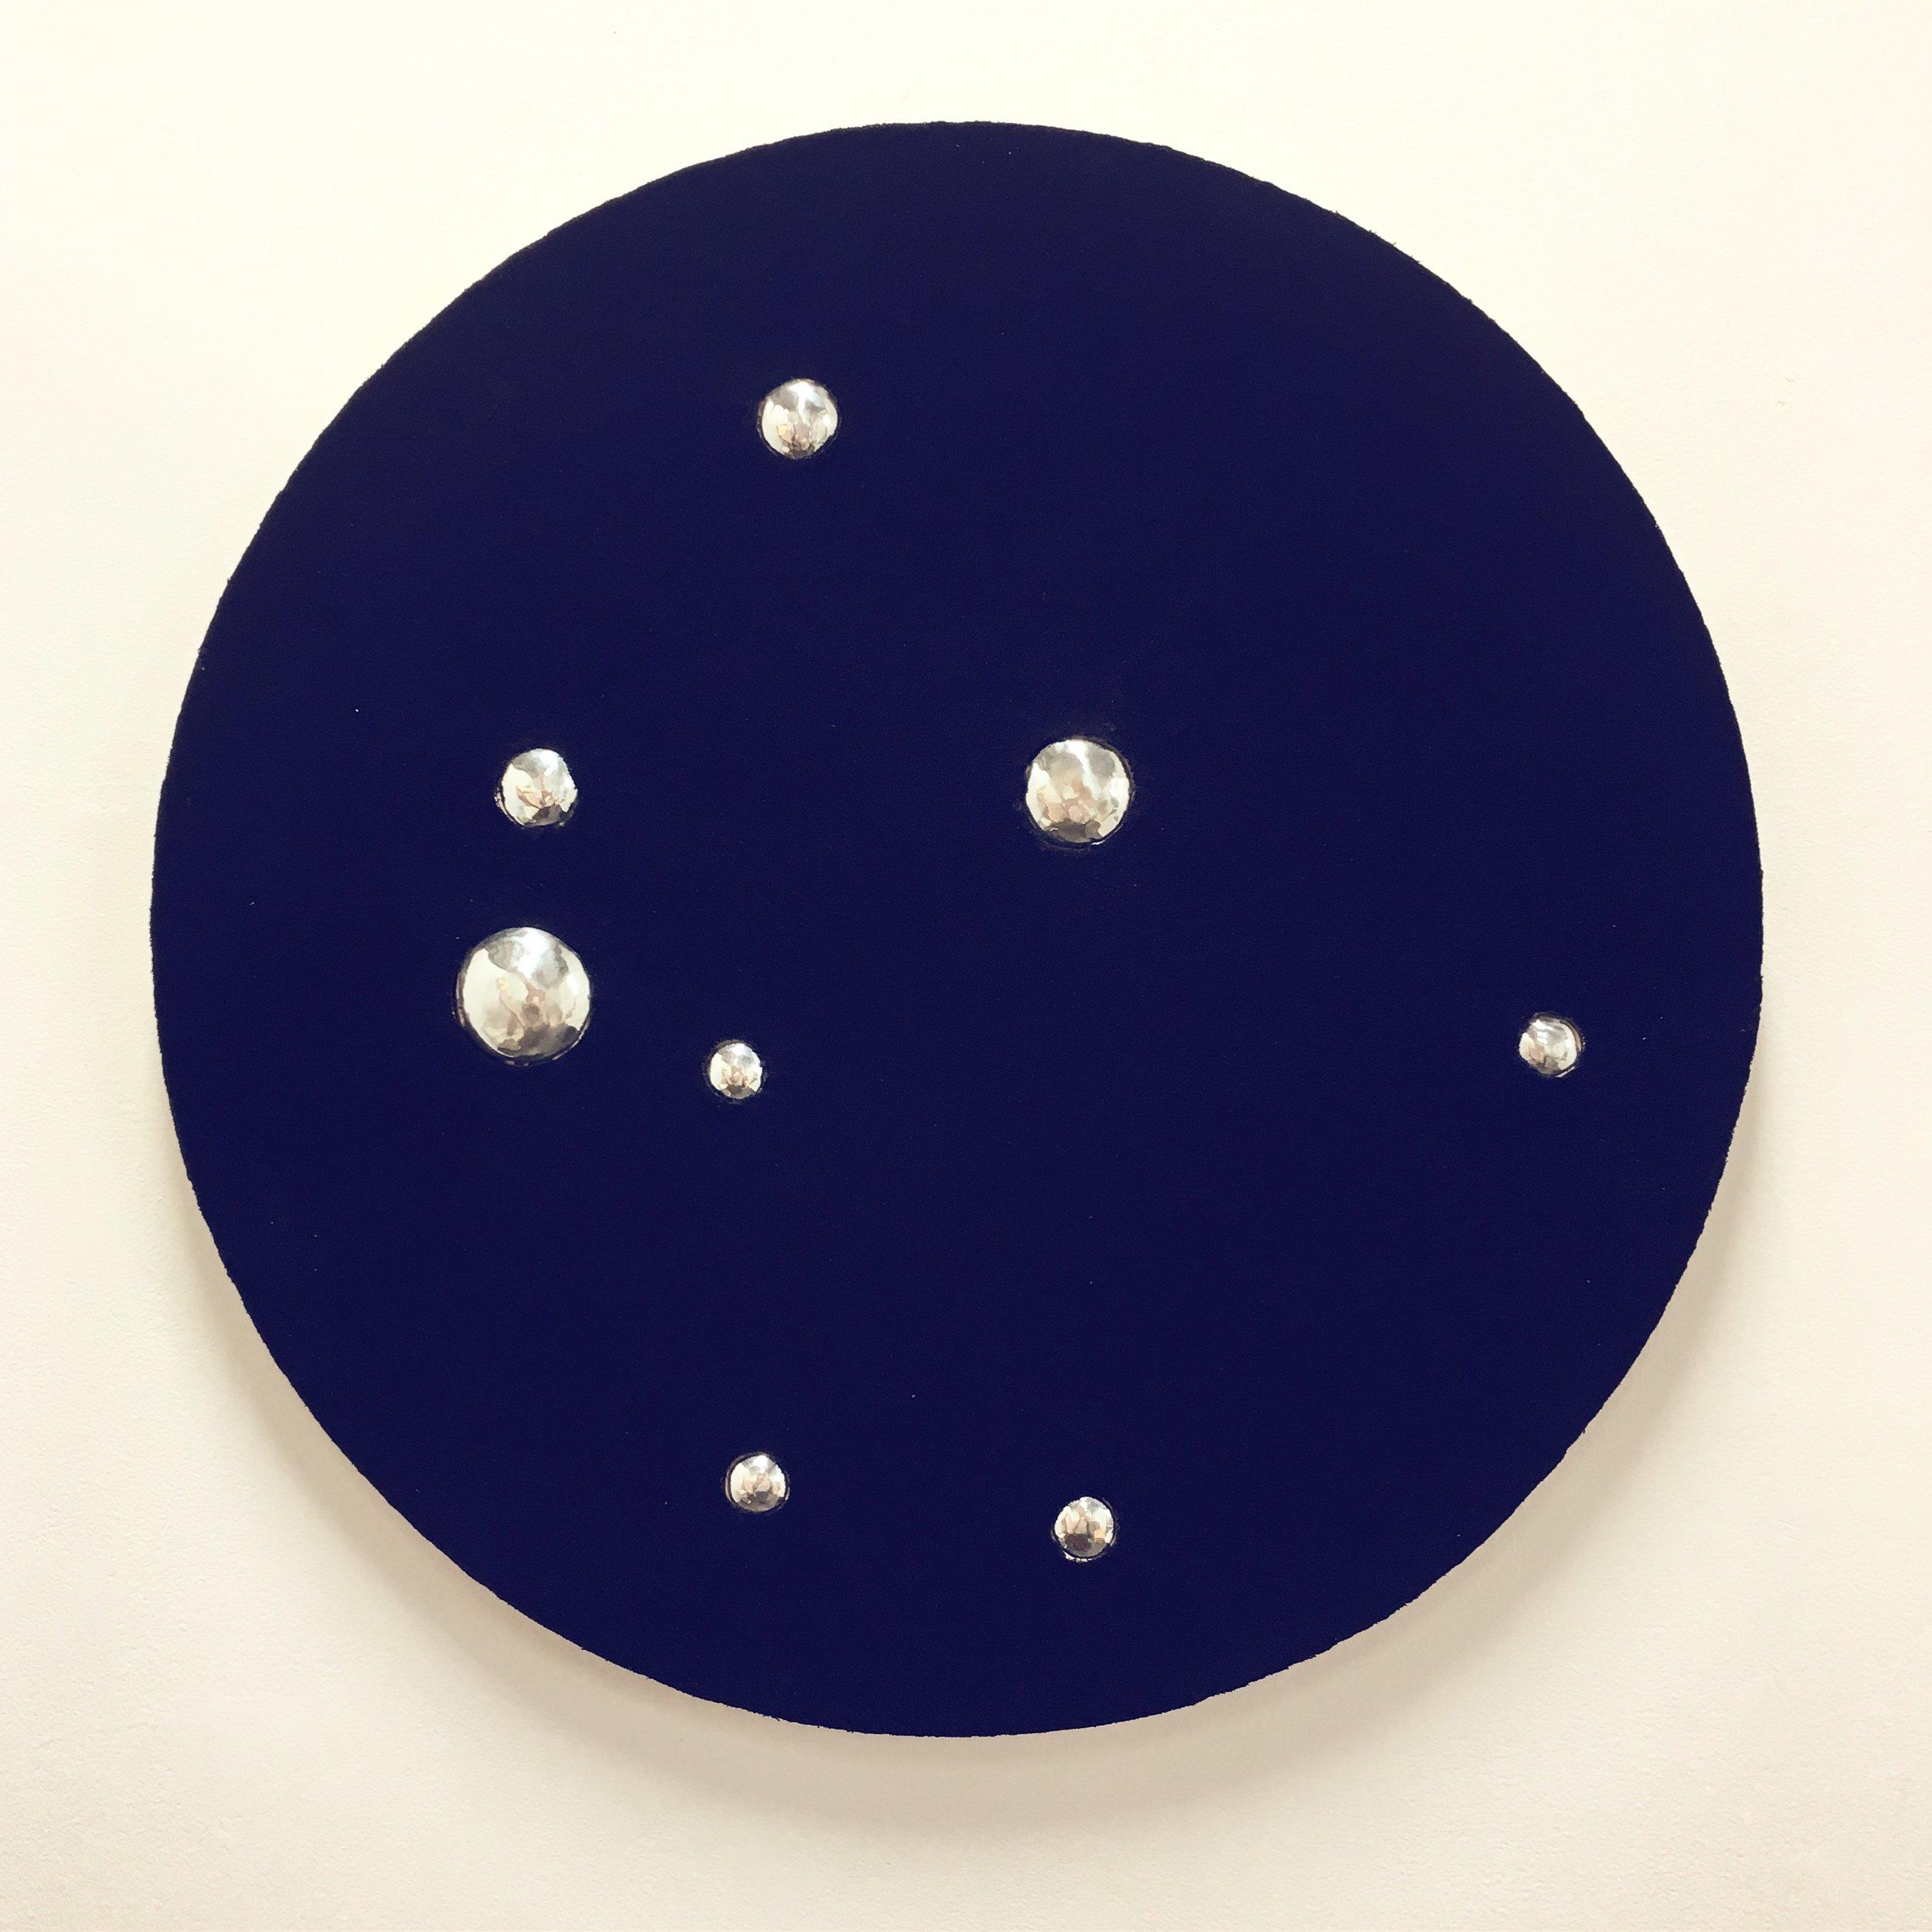 Indigo spaces reflecting    Indigo dyed cotton mounted onto layered plywood with aluminium 74 x 74 x 3.5cm